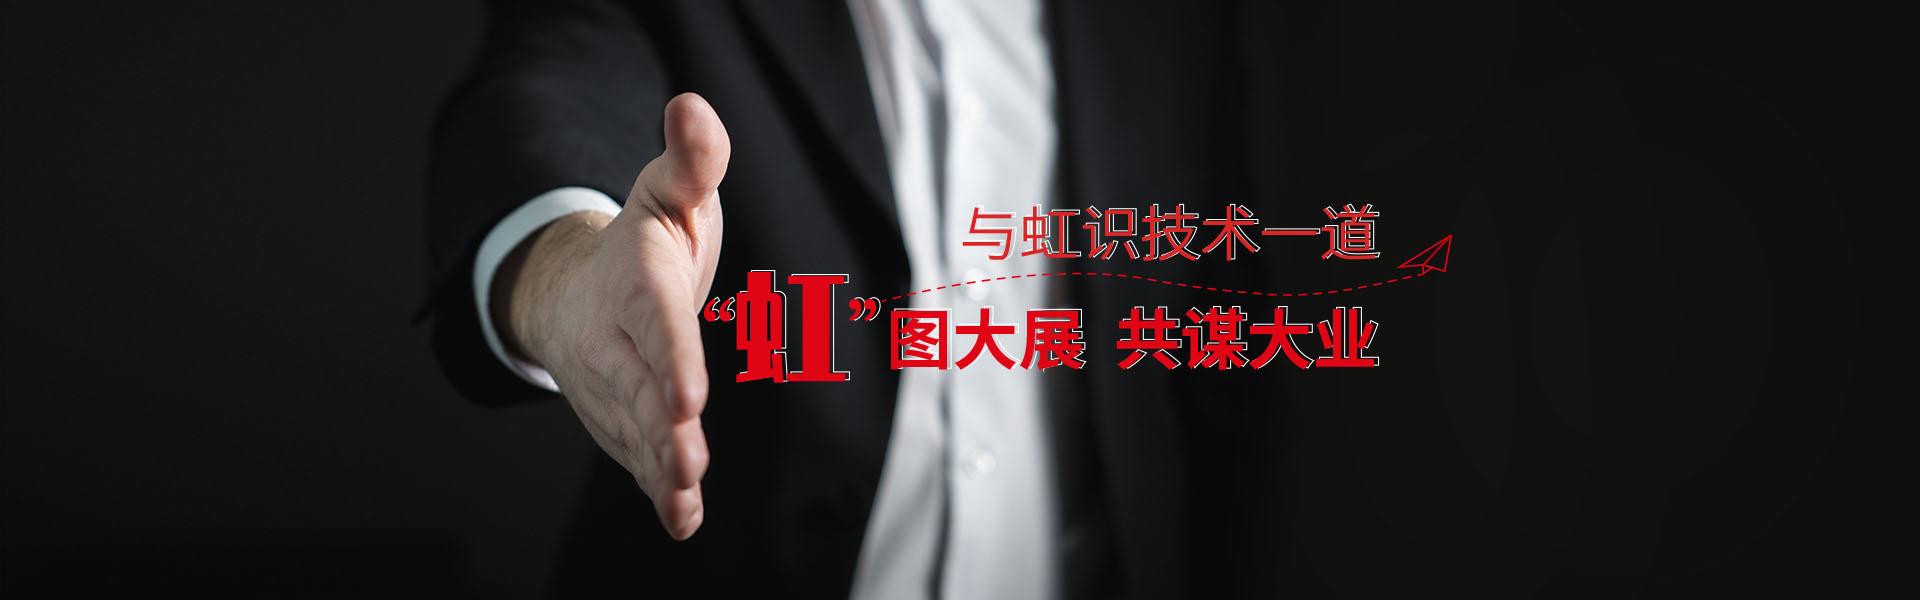 关于虹识-banner